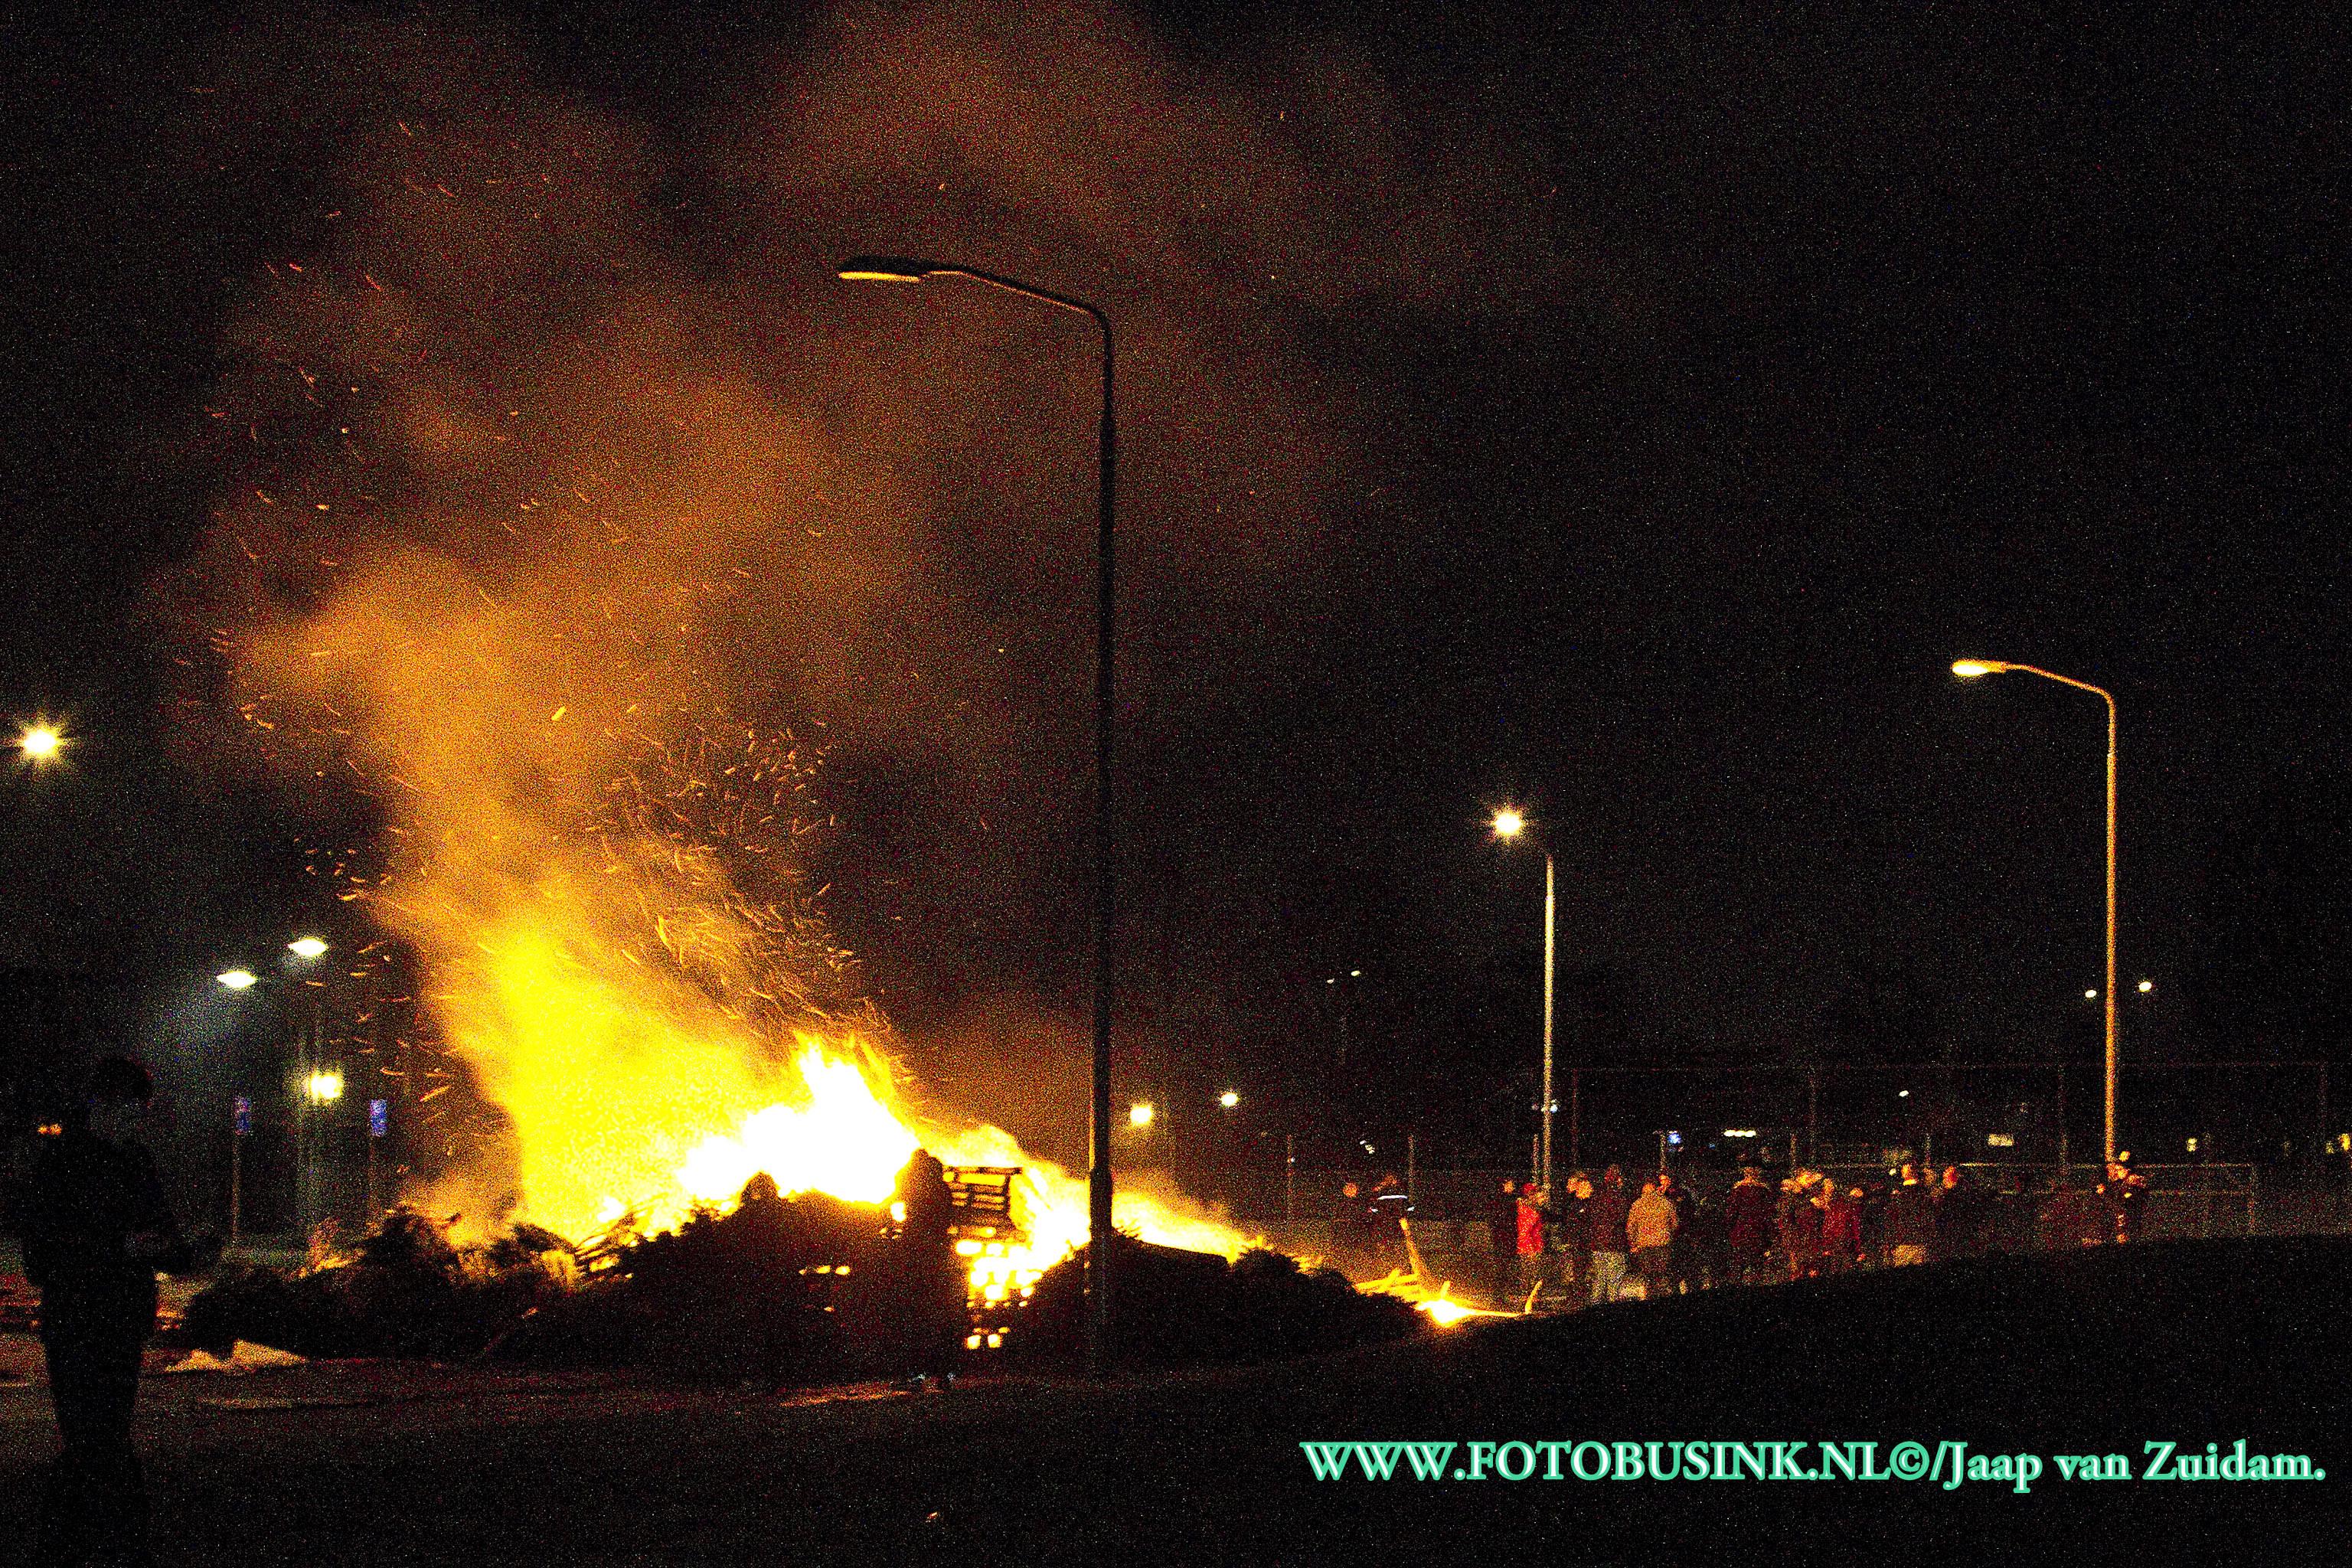 Vreugde vuur aan de Zeehavenlaan in Dordrecht.